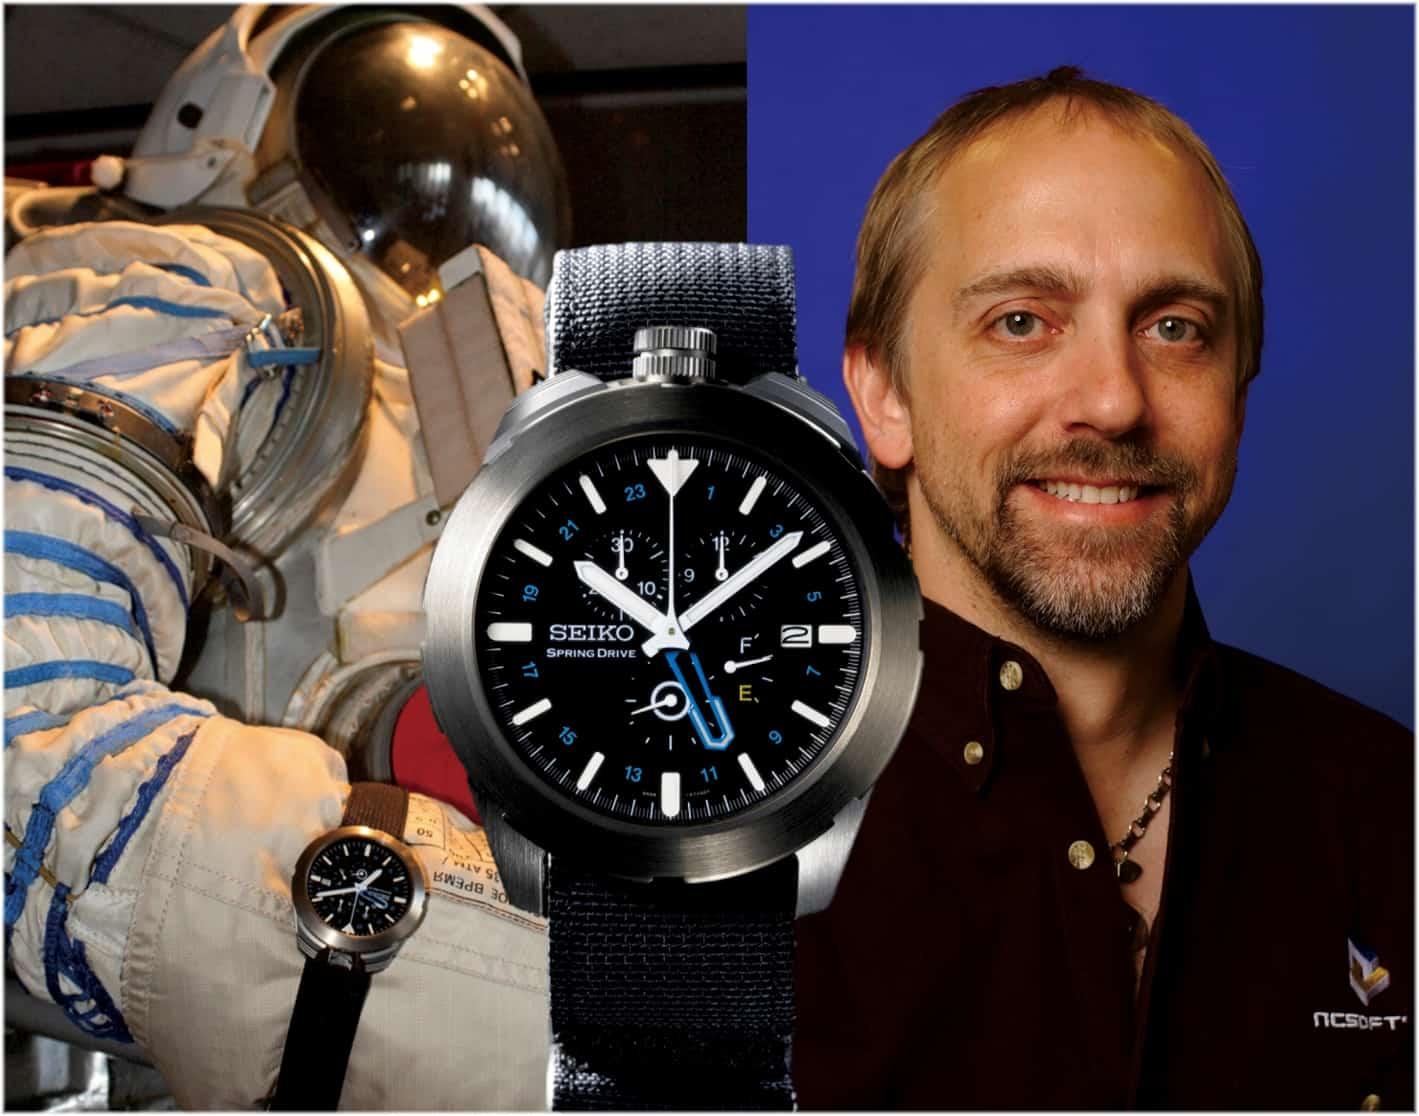 Seiko Spring Drive Spacewalk mit dem Uhrenträger Richard Garriot in 2008